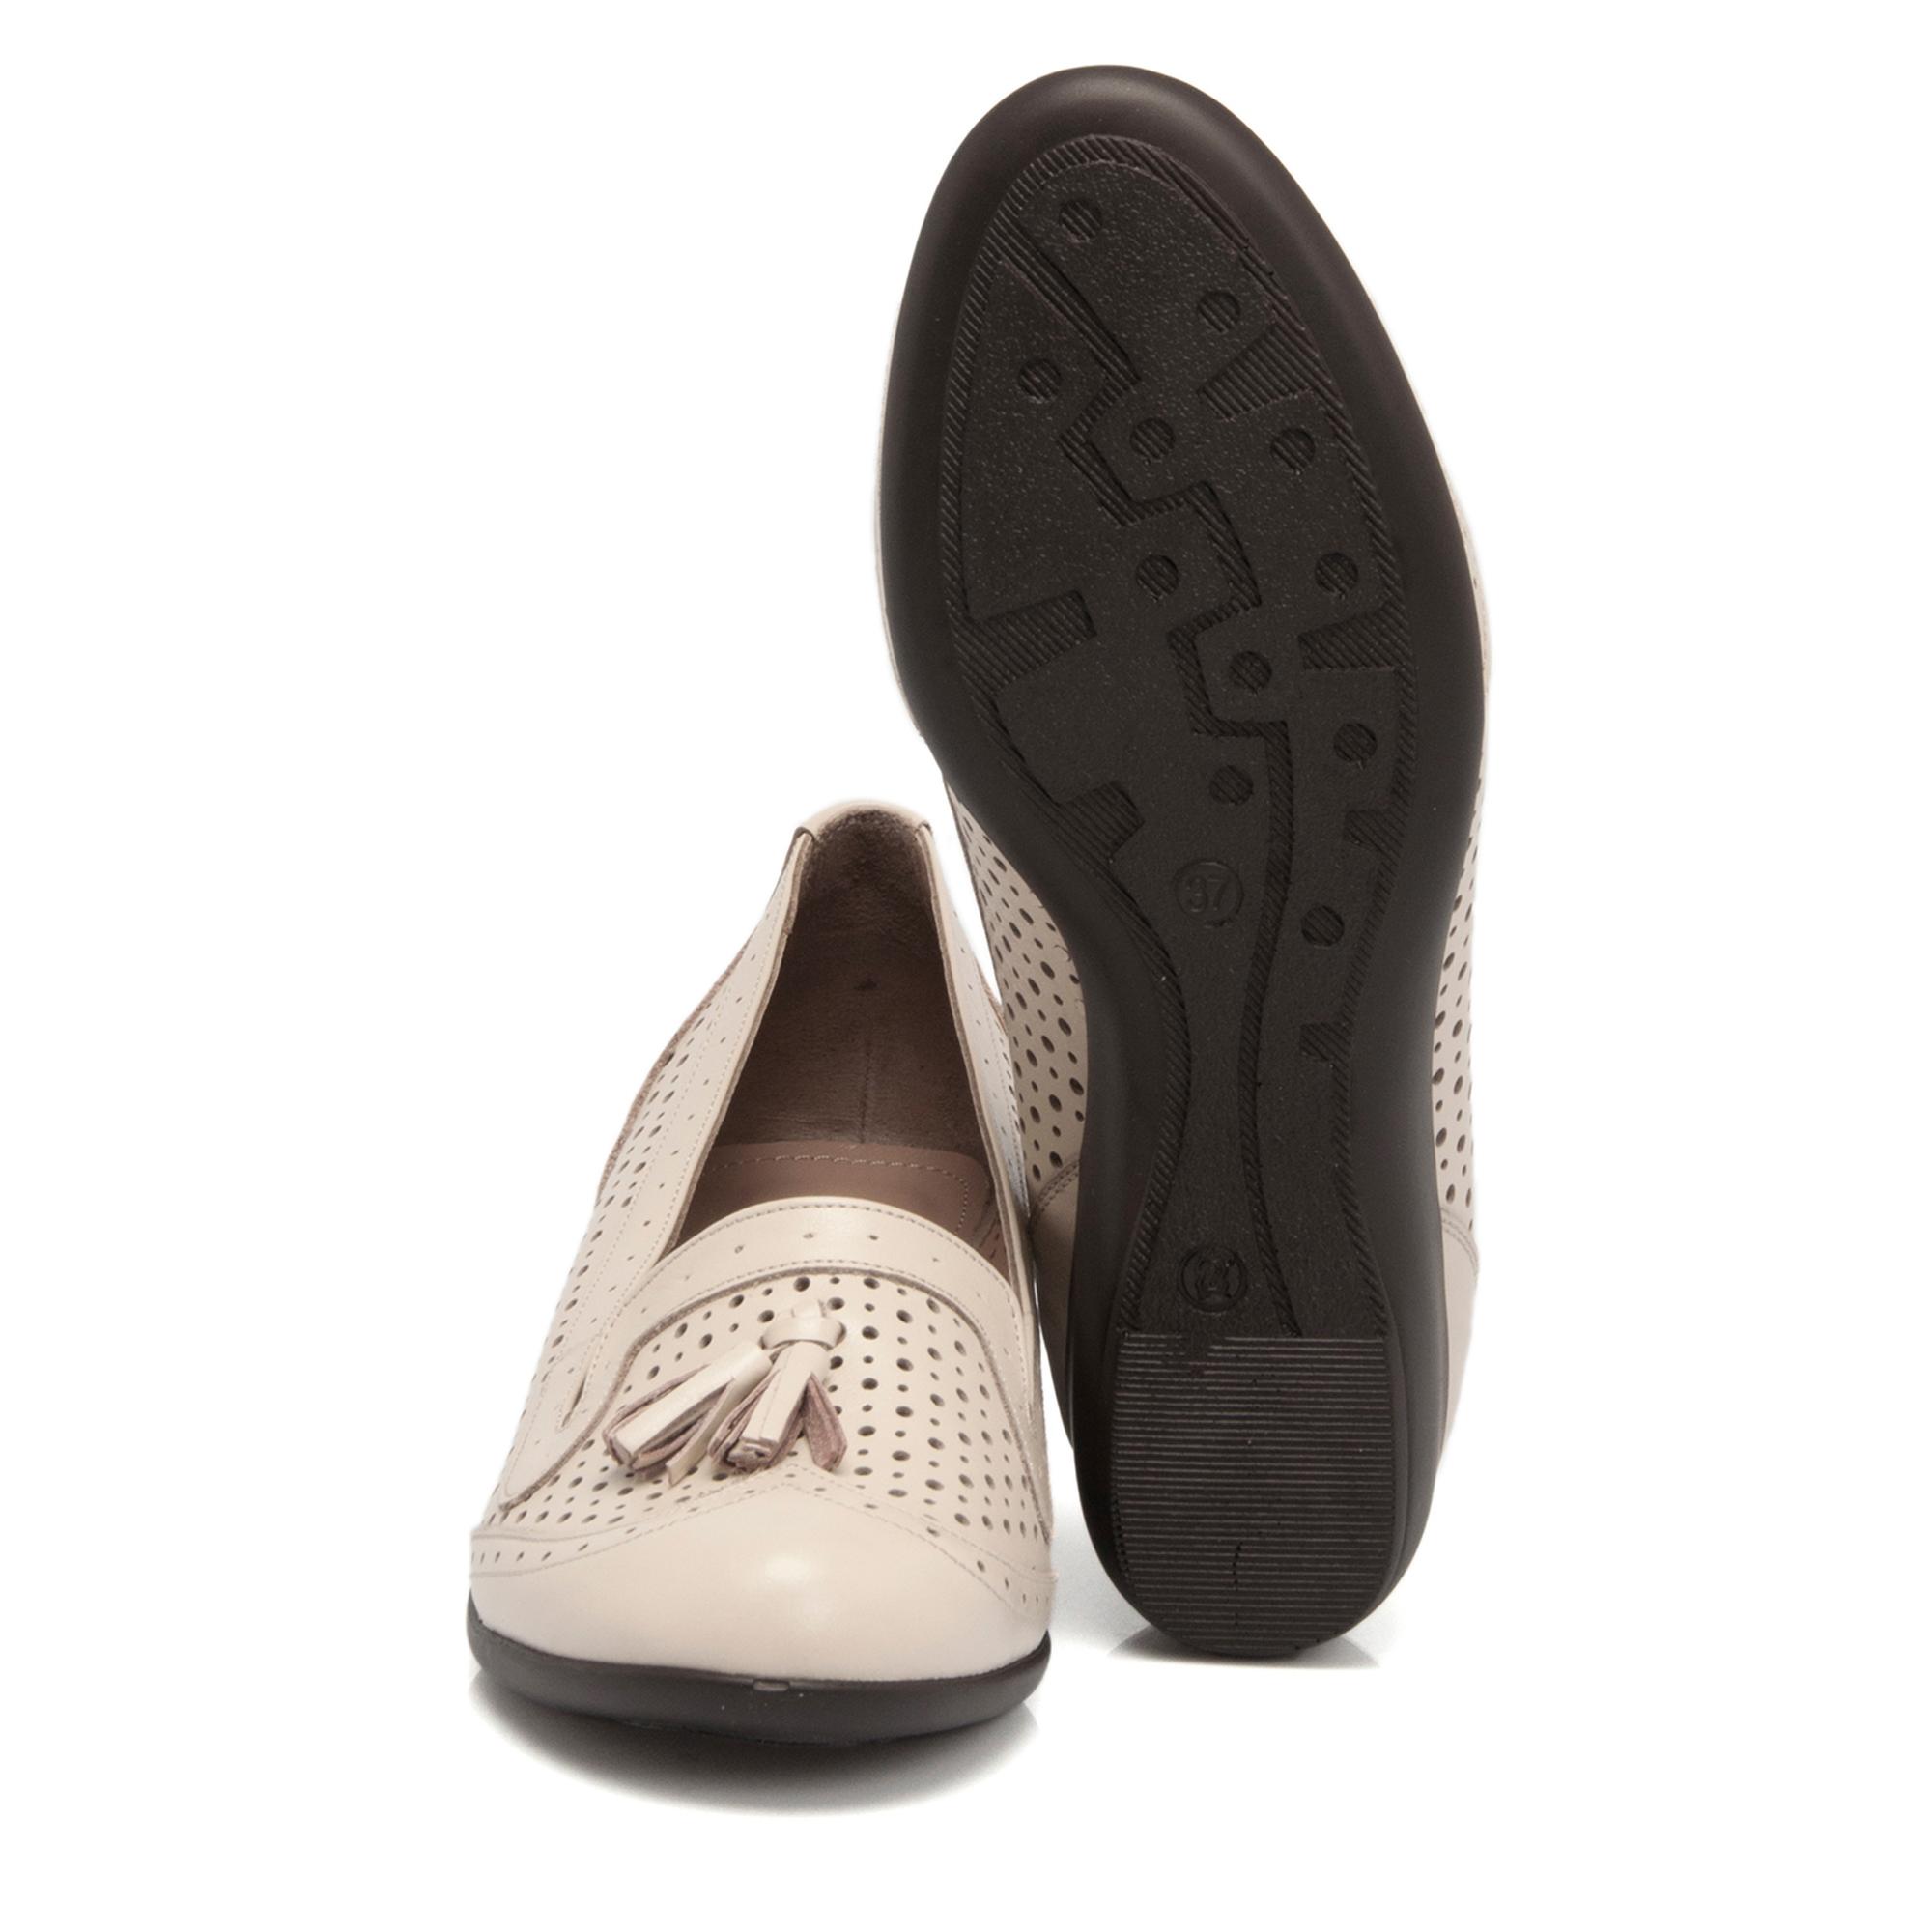 Bej Deri Kadın Ayakkabı 64202A25